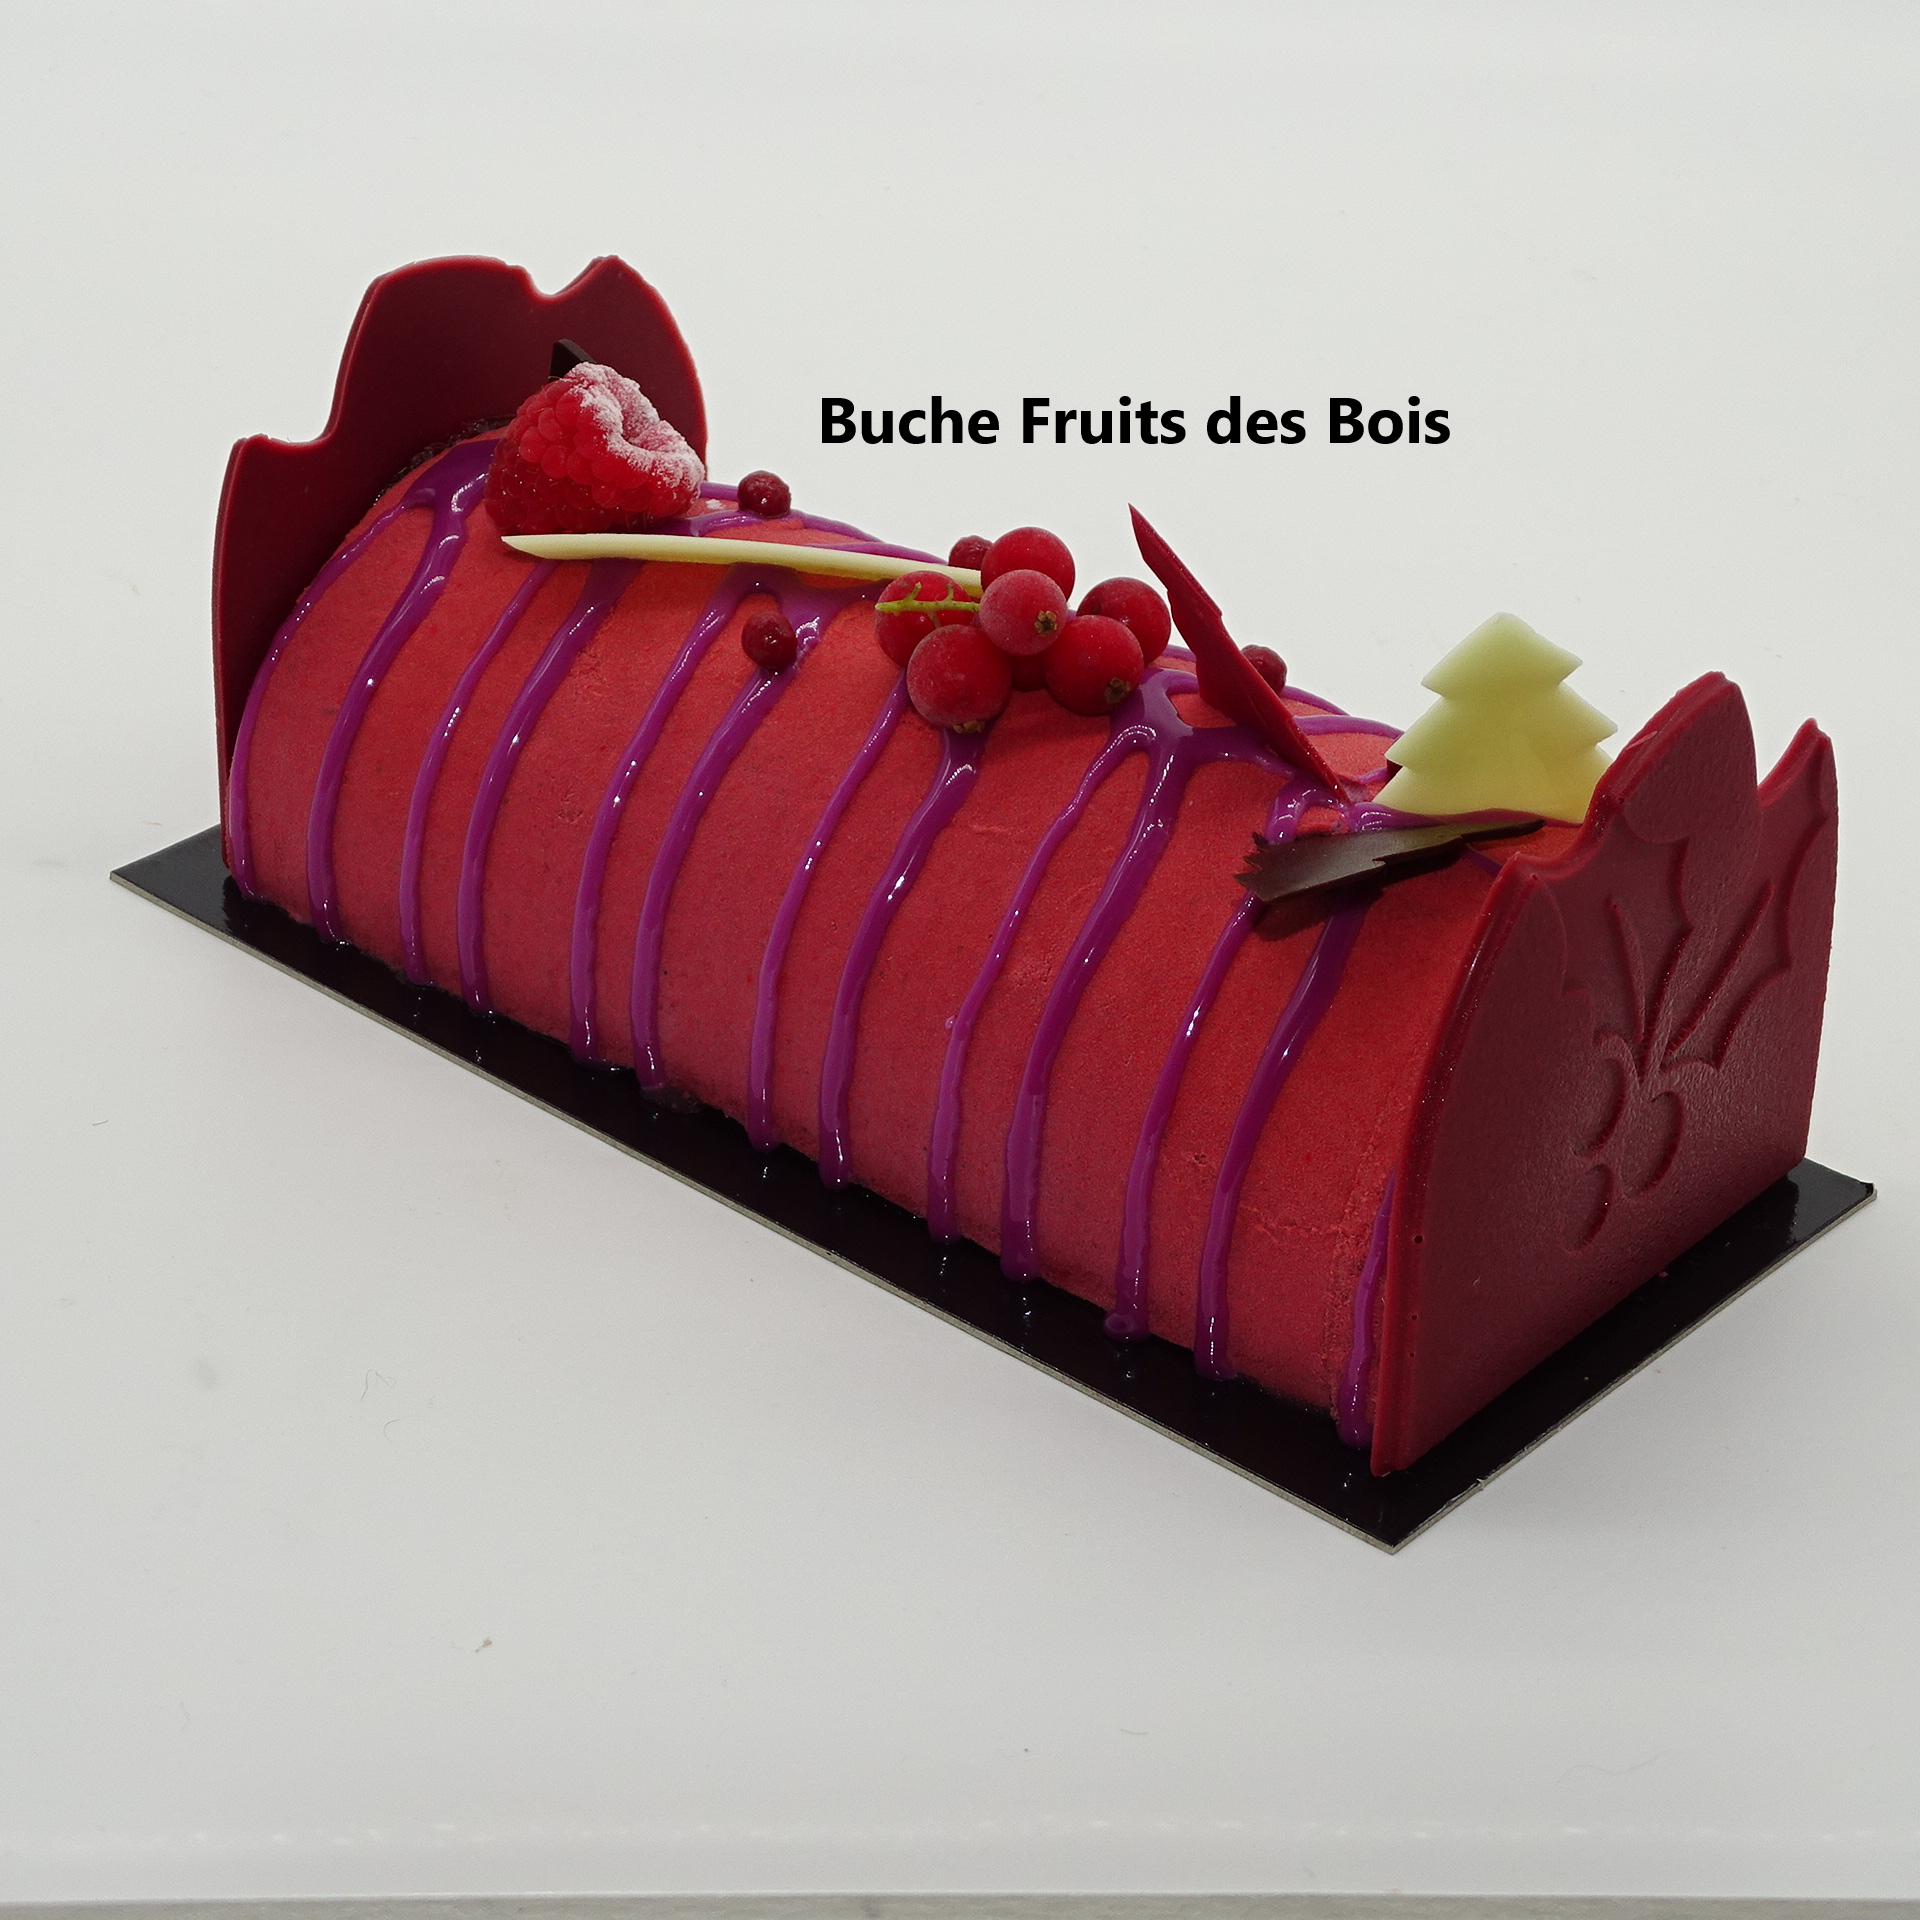 Buche Fruits des Bois